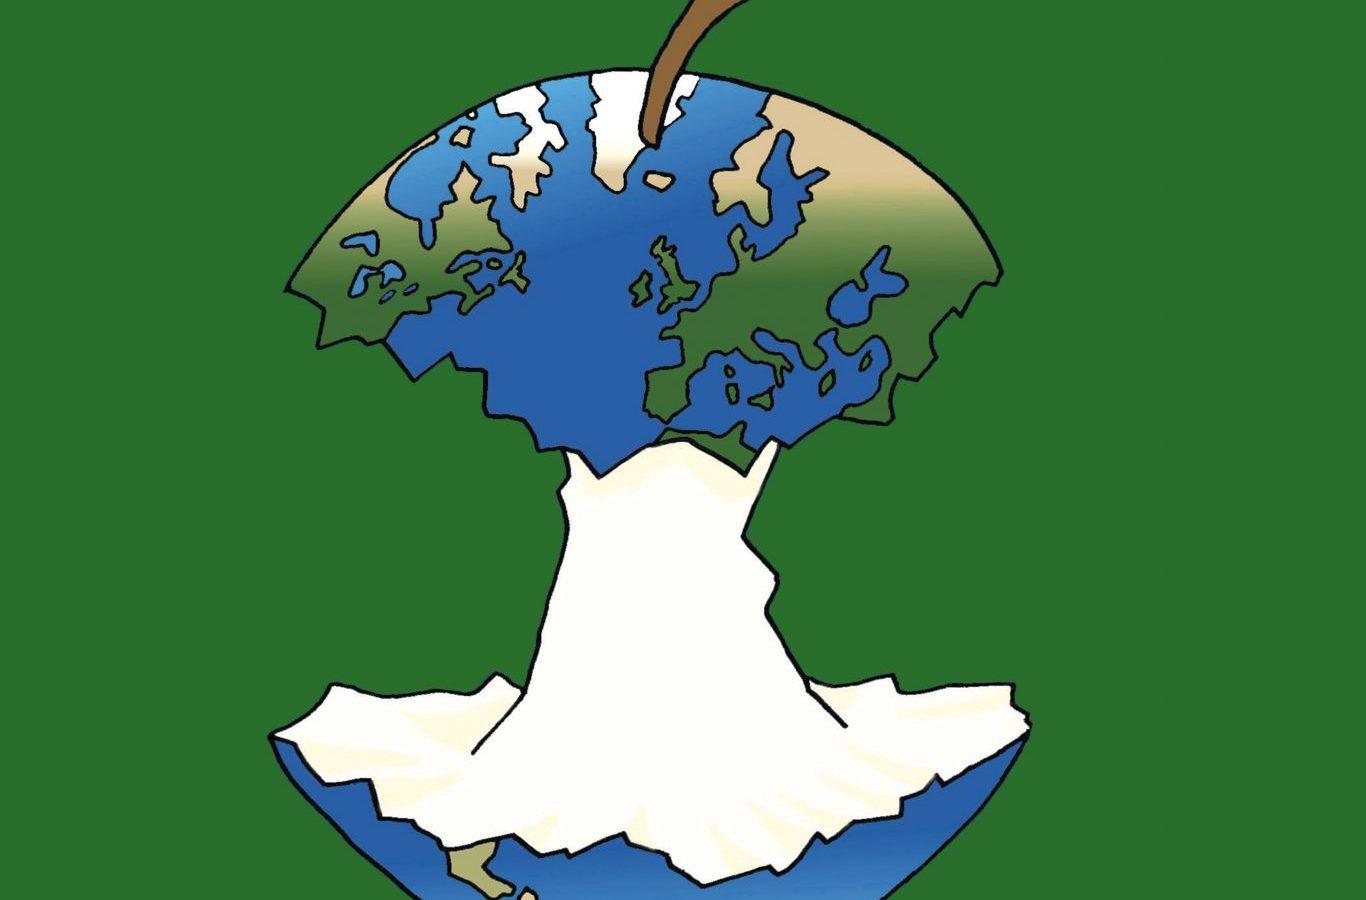 «Ça chauffe pour la planète», une nouvelle exposition à découvrir à l'espace EDF Bazacle